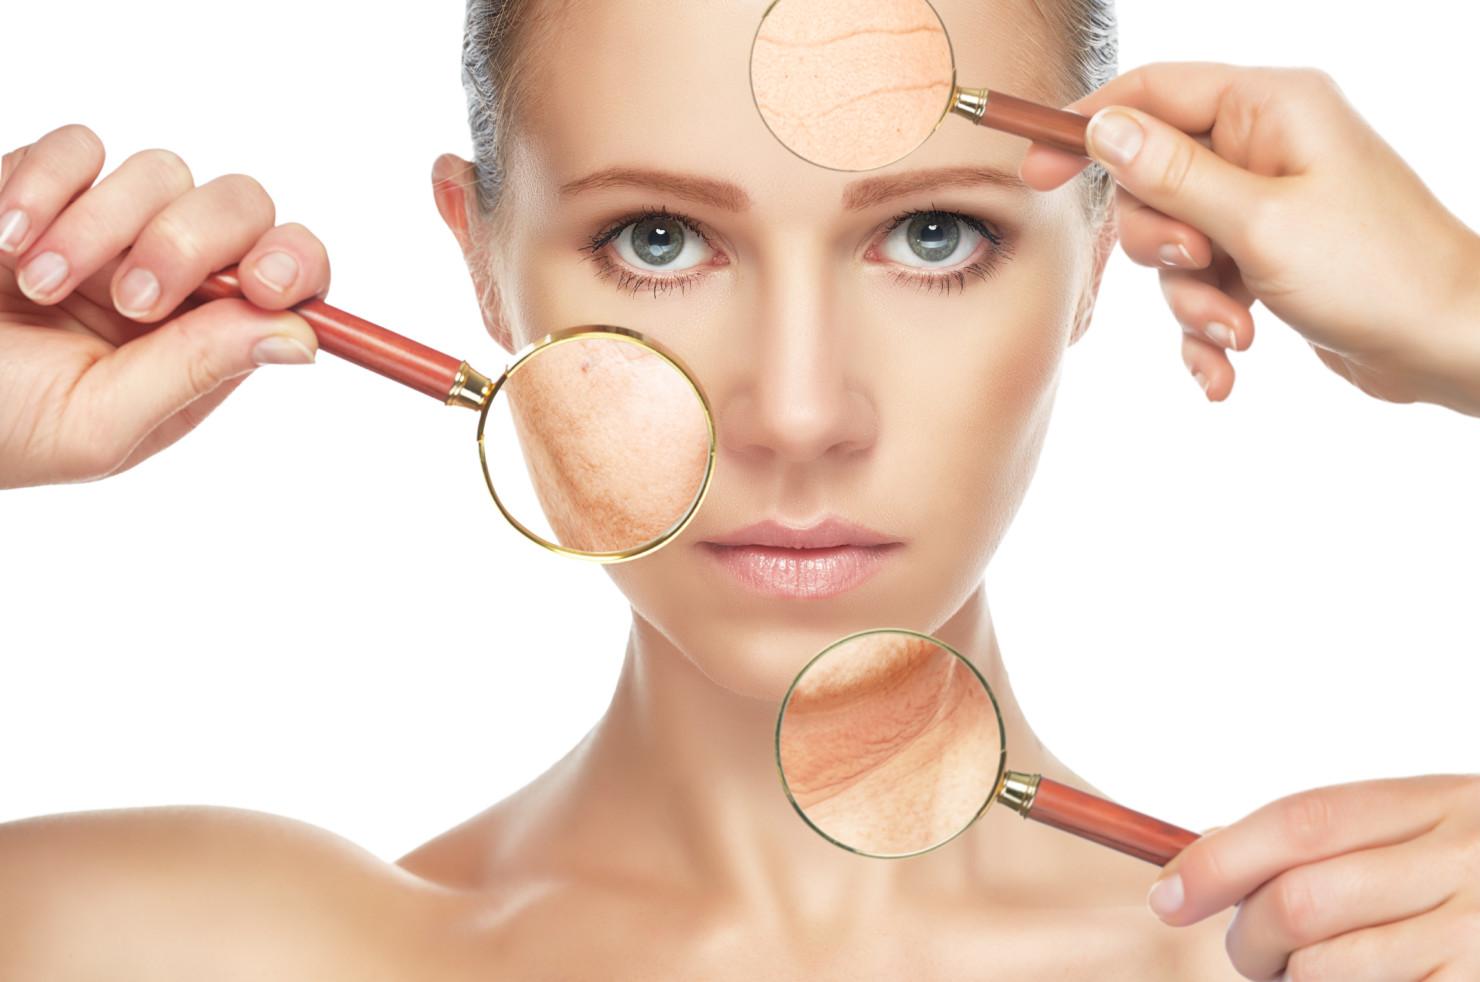 Biorewitalizacja skóry twarzy – osocze, kolagen, nici pdo, mezoterapia